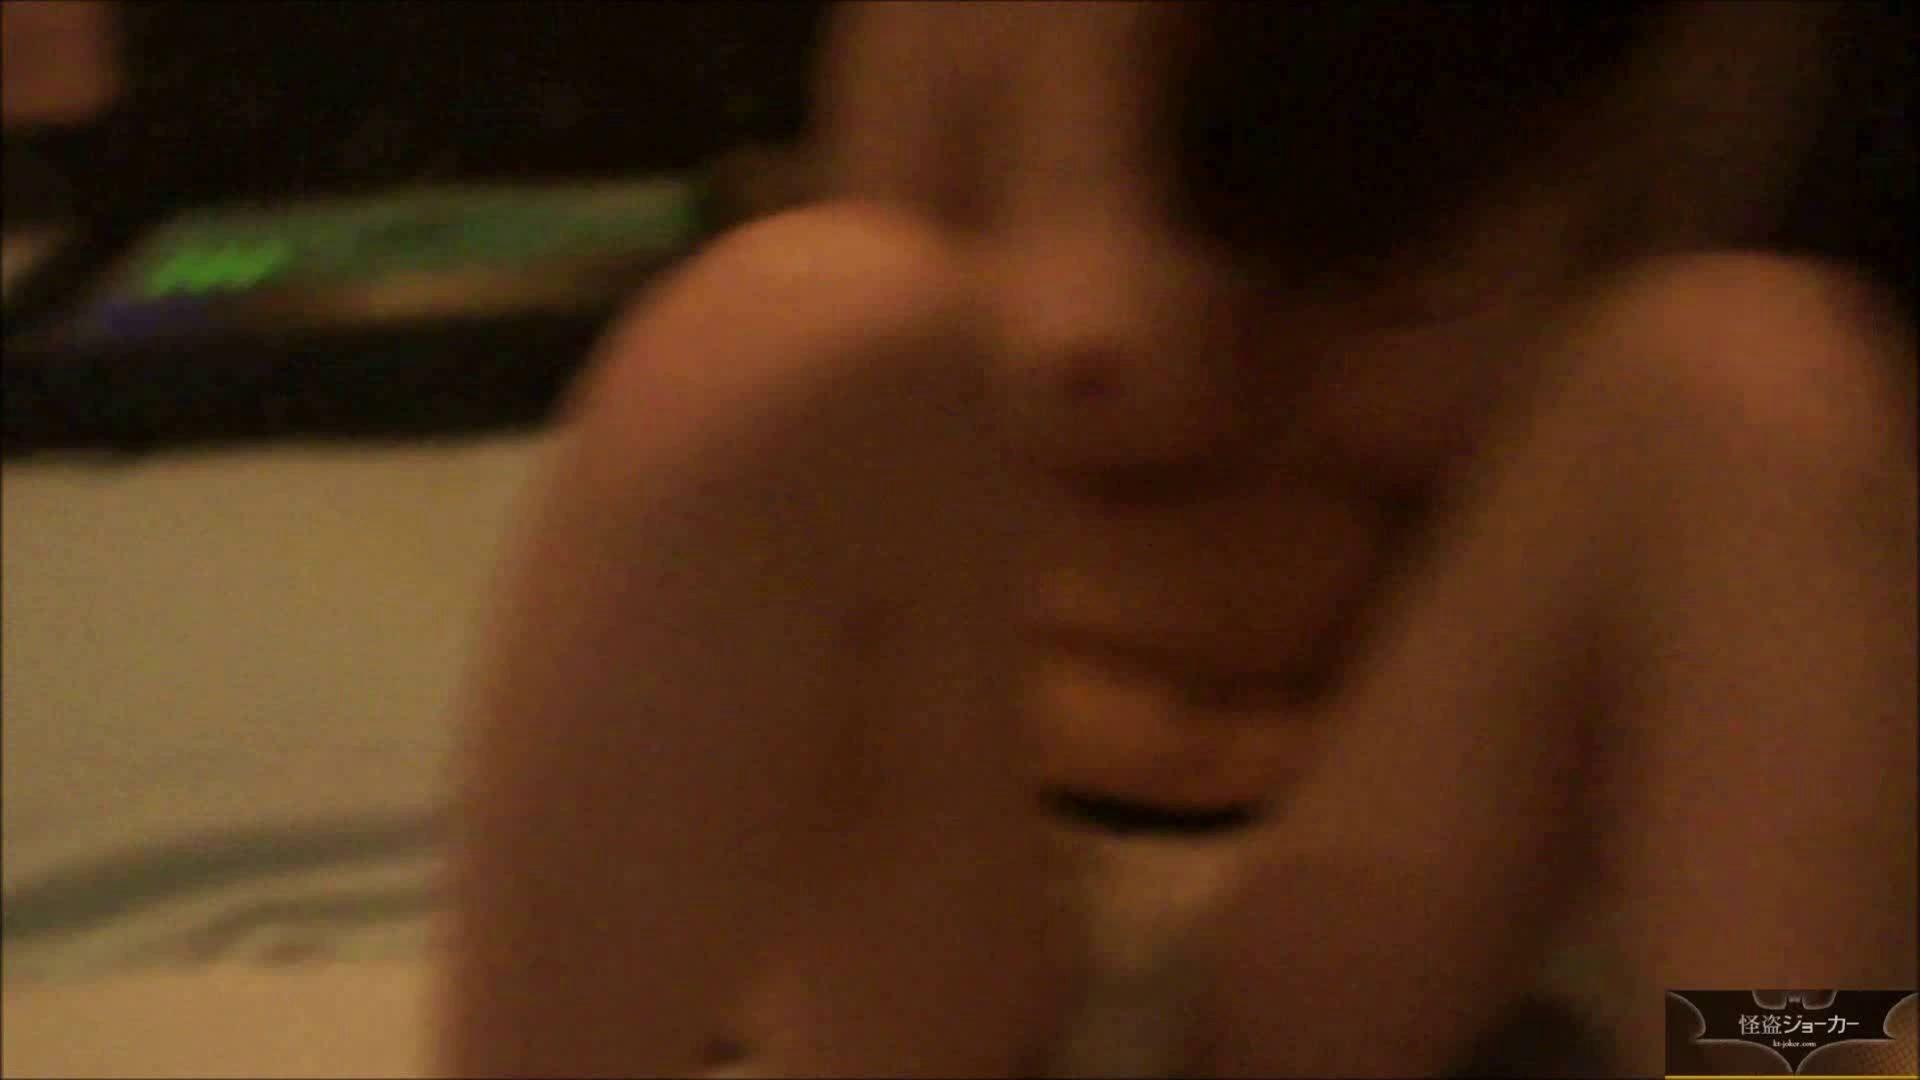 【未公開】vol.33 【援助】朋葉ちゃん、潮吹き、乱れ・・・ ホテル おめこ無修正動画無料 50連発 18